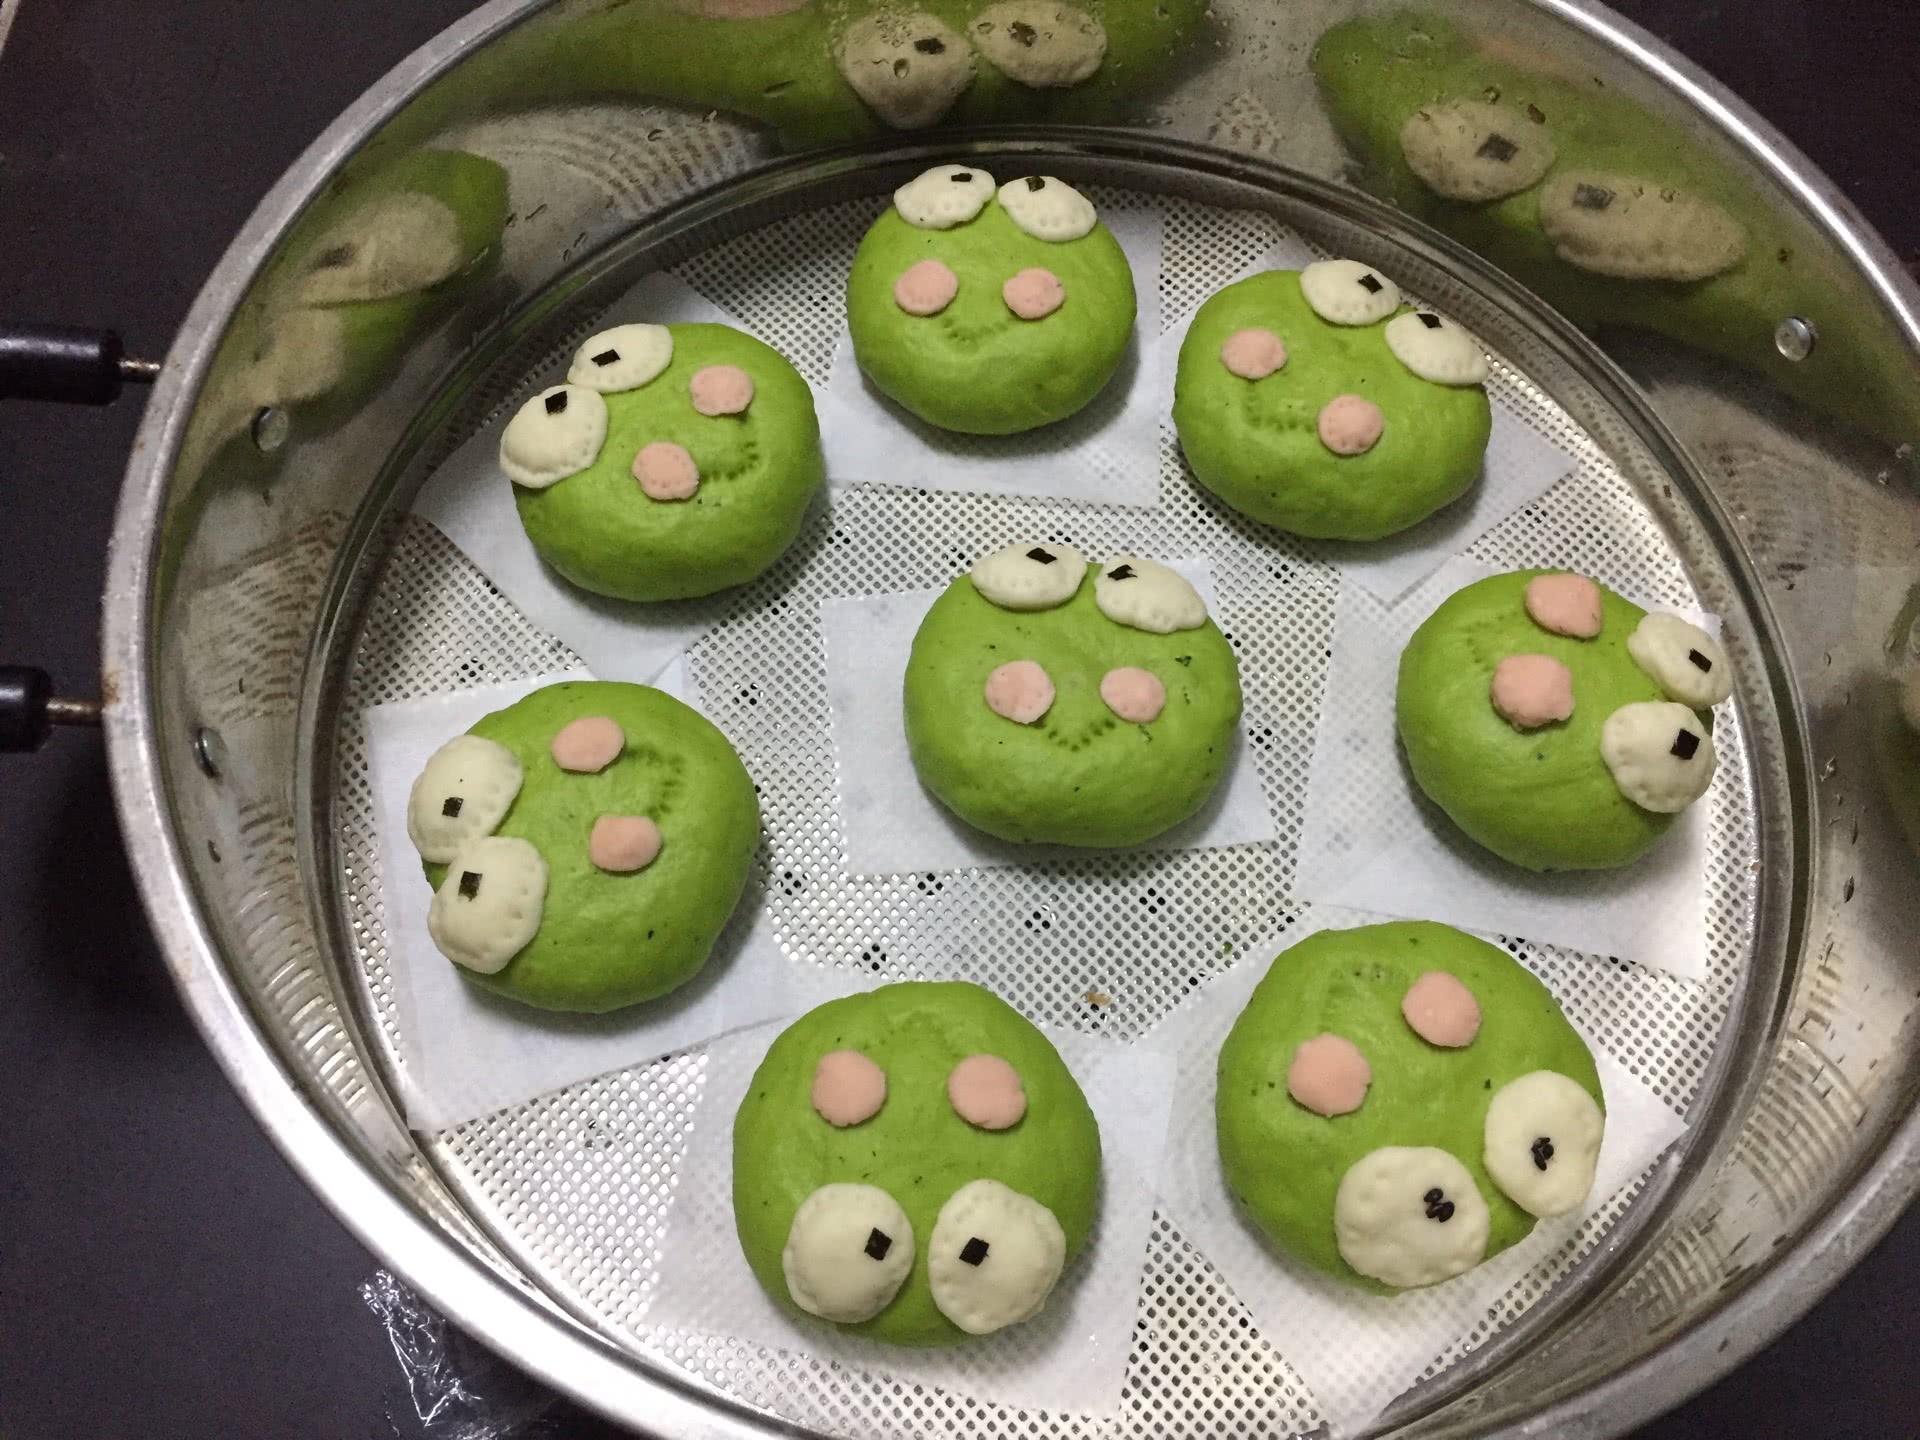 嘉宝笑容厨房/菠菜汁肉馅卡通青蛙小猪包子的做法